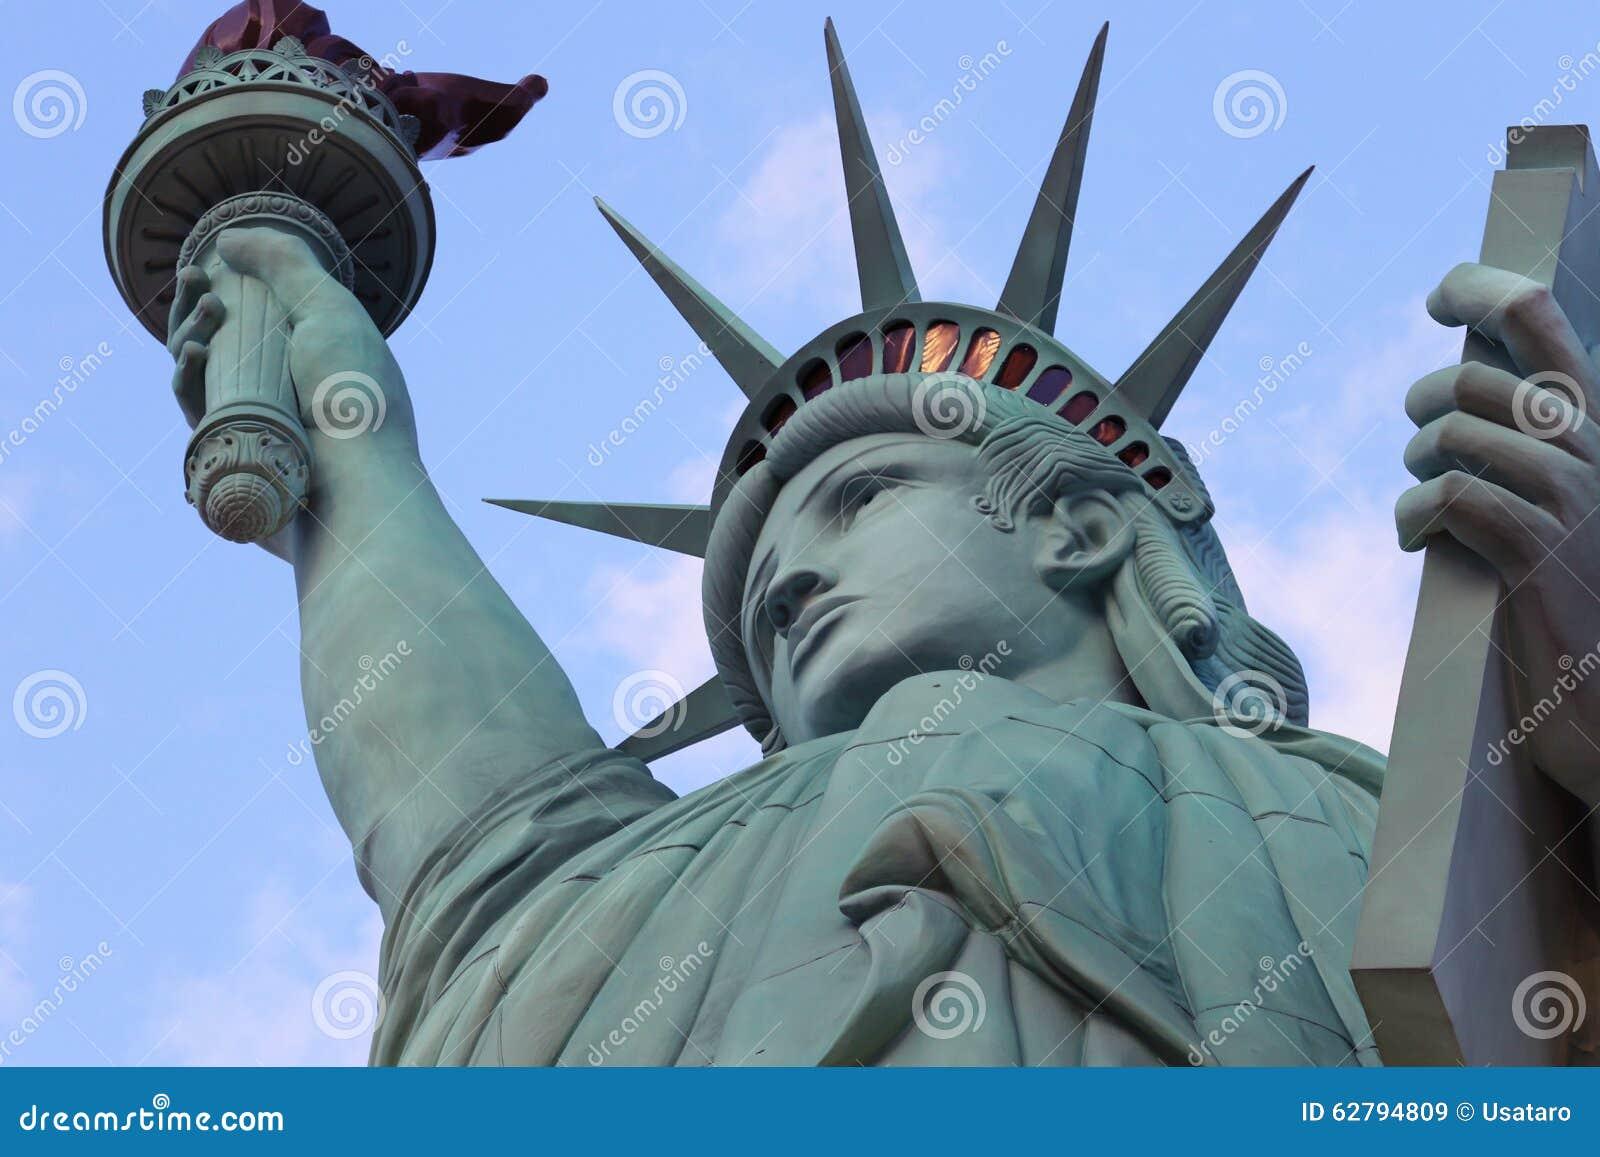 Het Standbeeld van Vrijheid, Amerika, Amerikaans Symbool, Verenigde Staten, New York